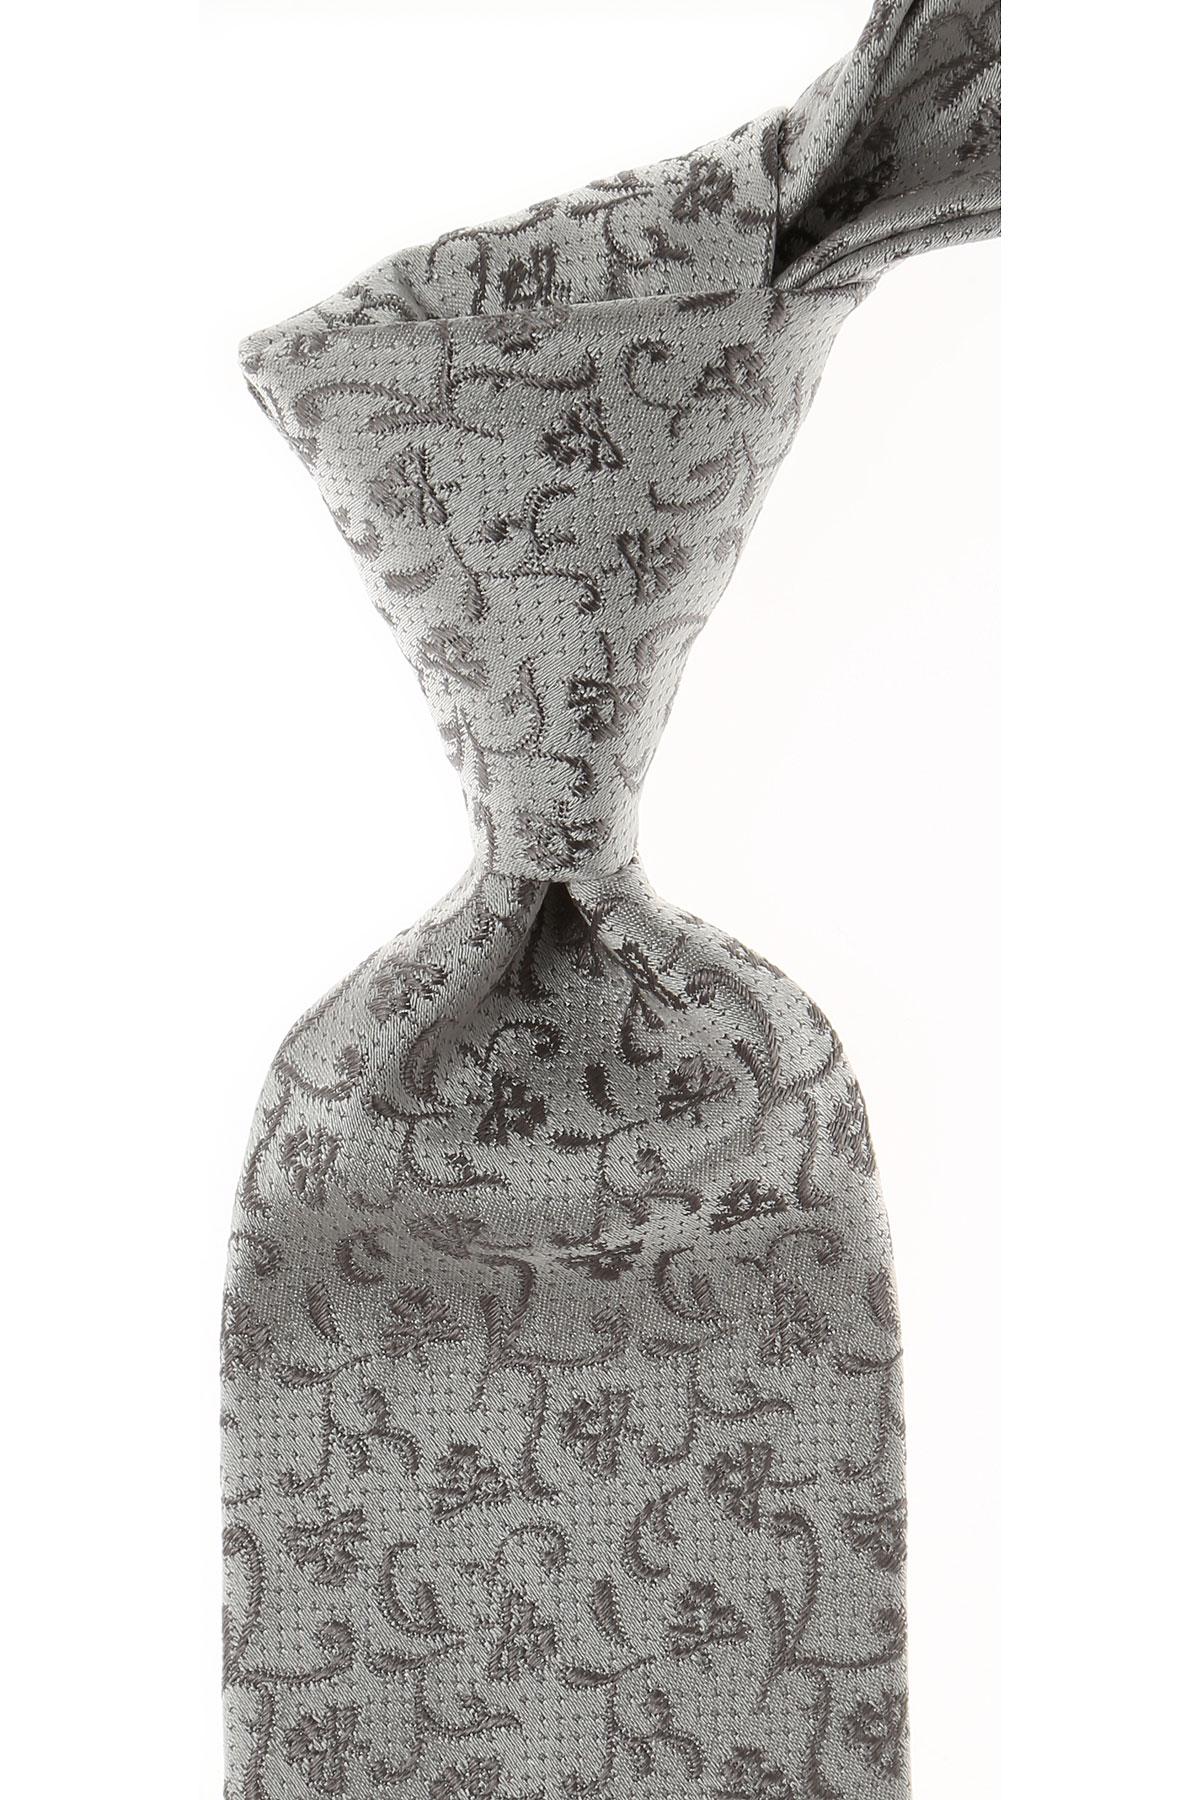 Dolce & Gabbana Cravates Pas cher en Soldes, Gris perle, Soie, 2021